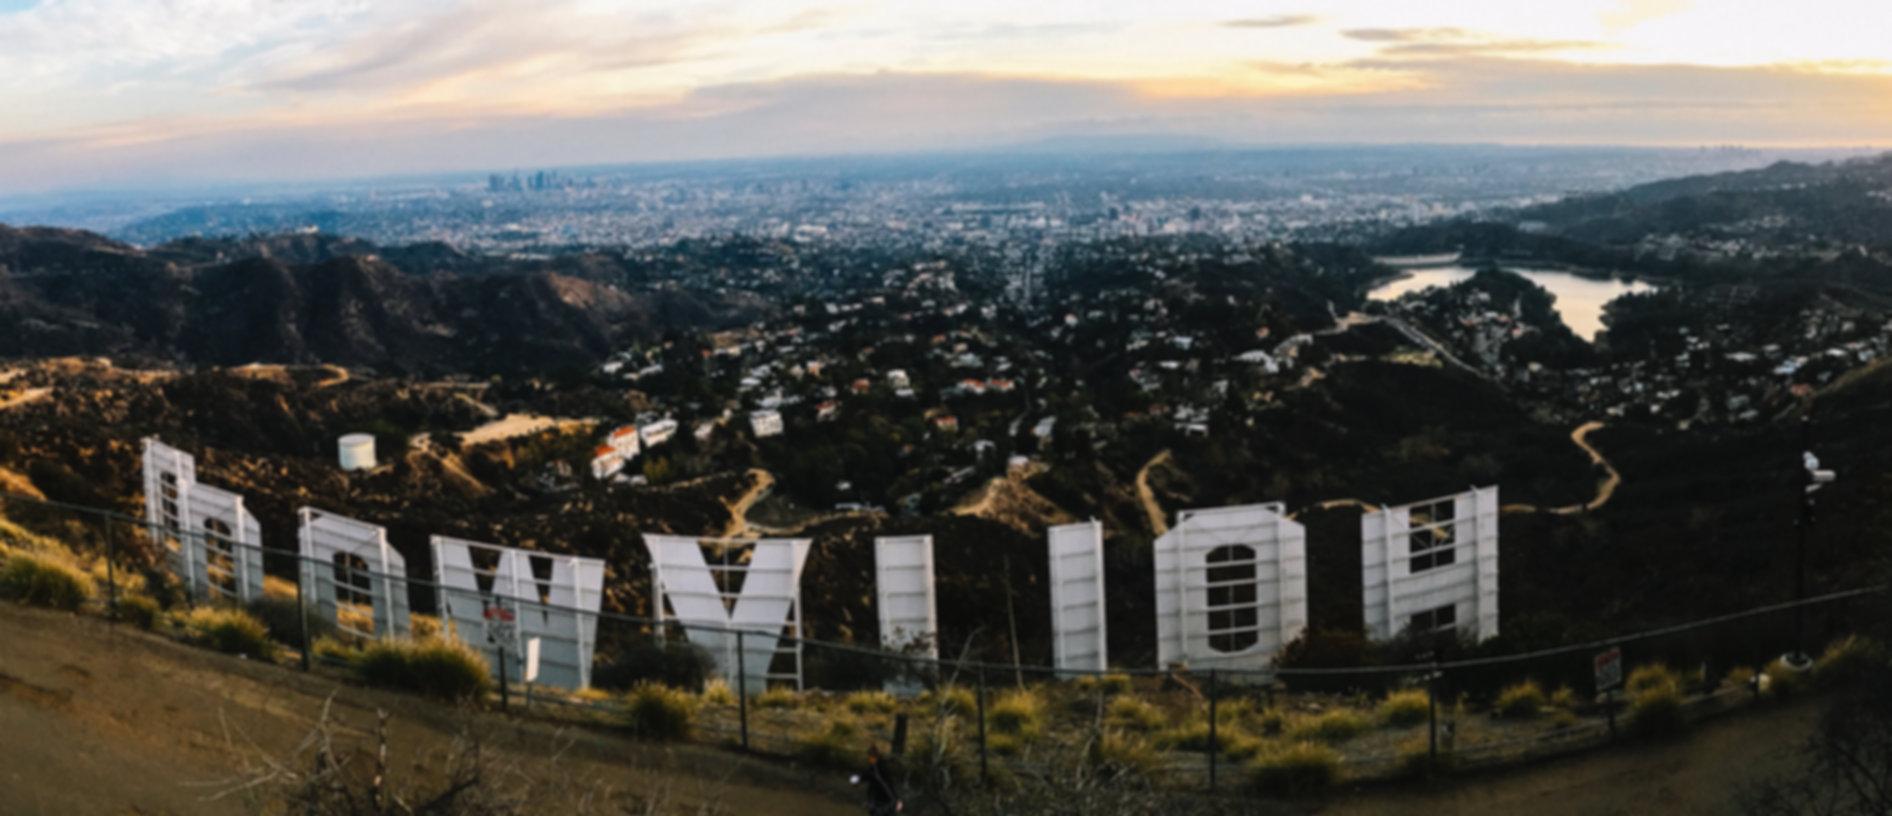 Los Angeles Advertising Agency